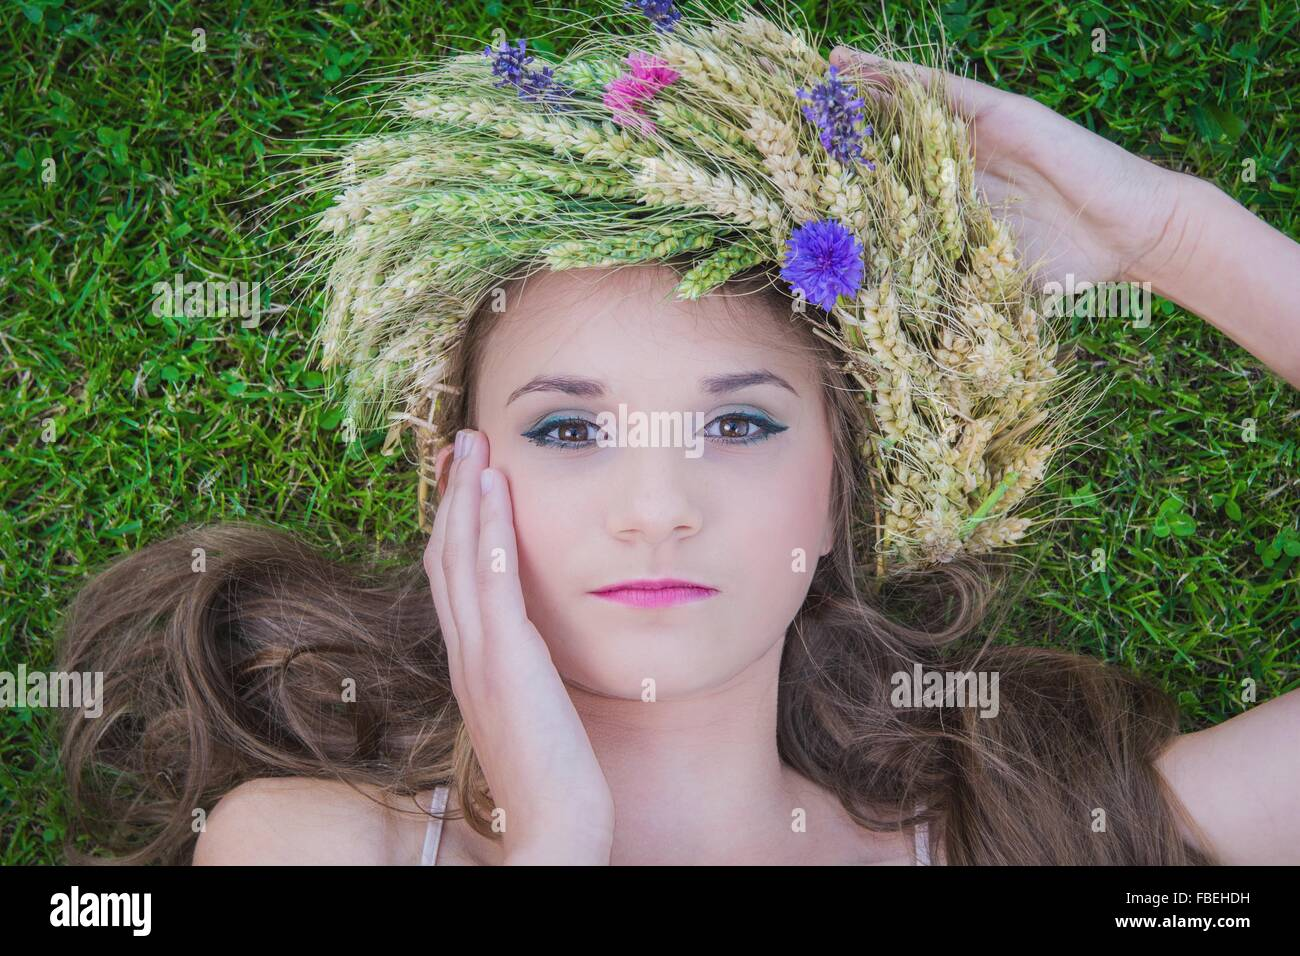 Close-up Portrait der schönen jungen Frau liegend auf dem Rasen tragen Blumen mit Hand auf Gesicht Stockbild